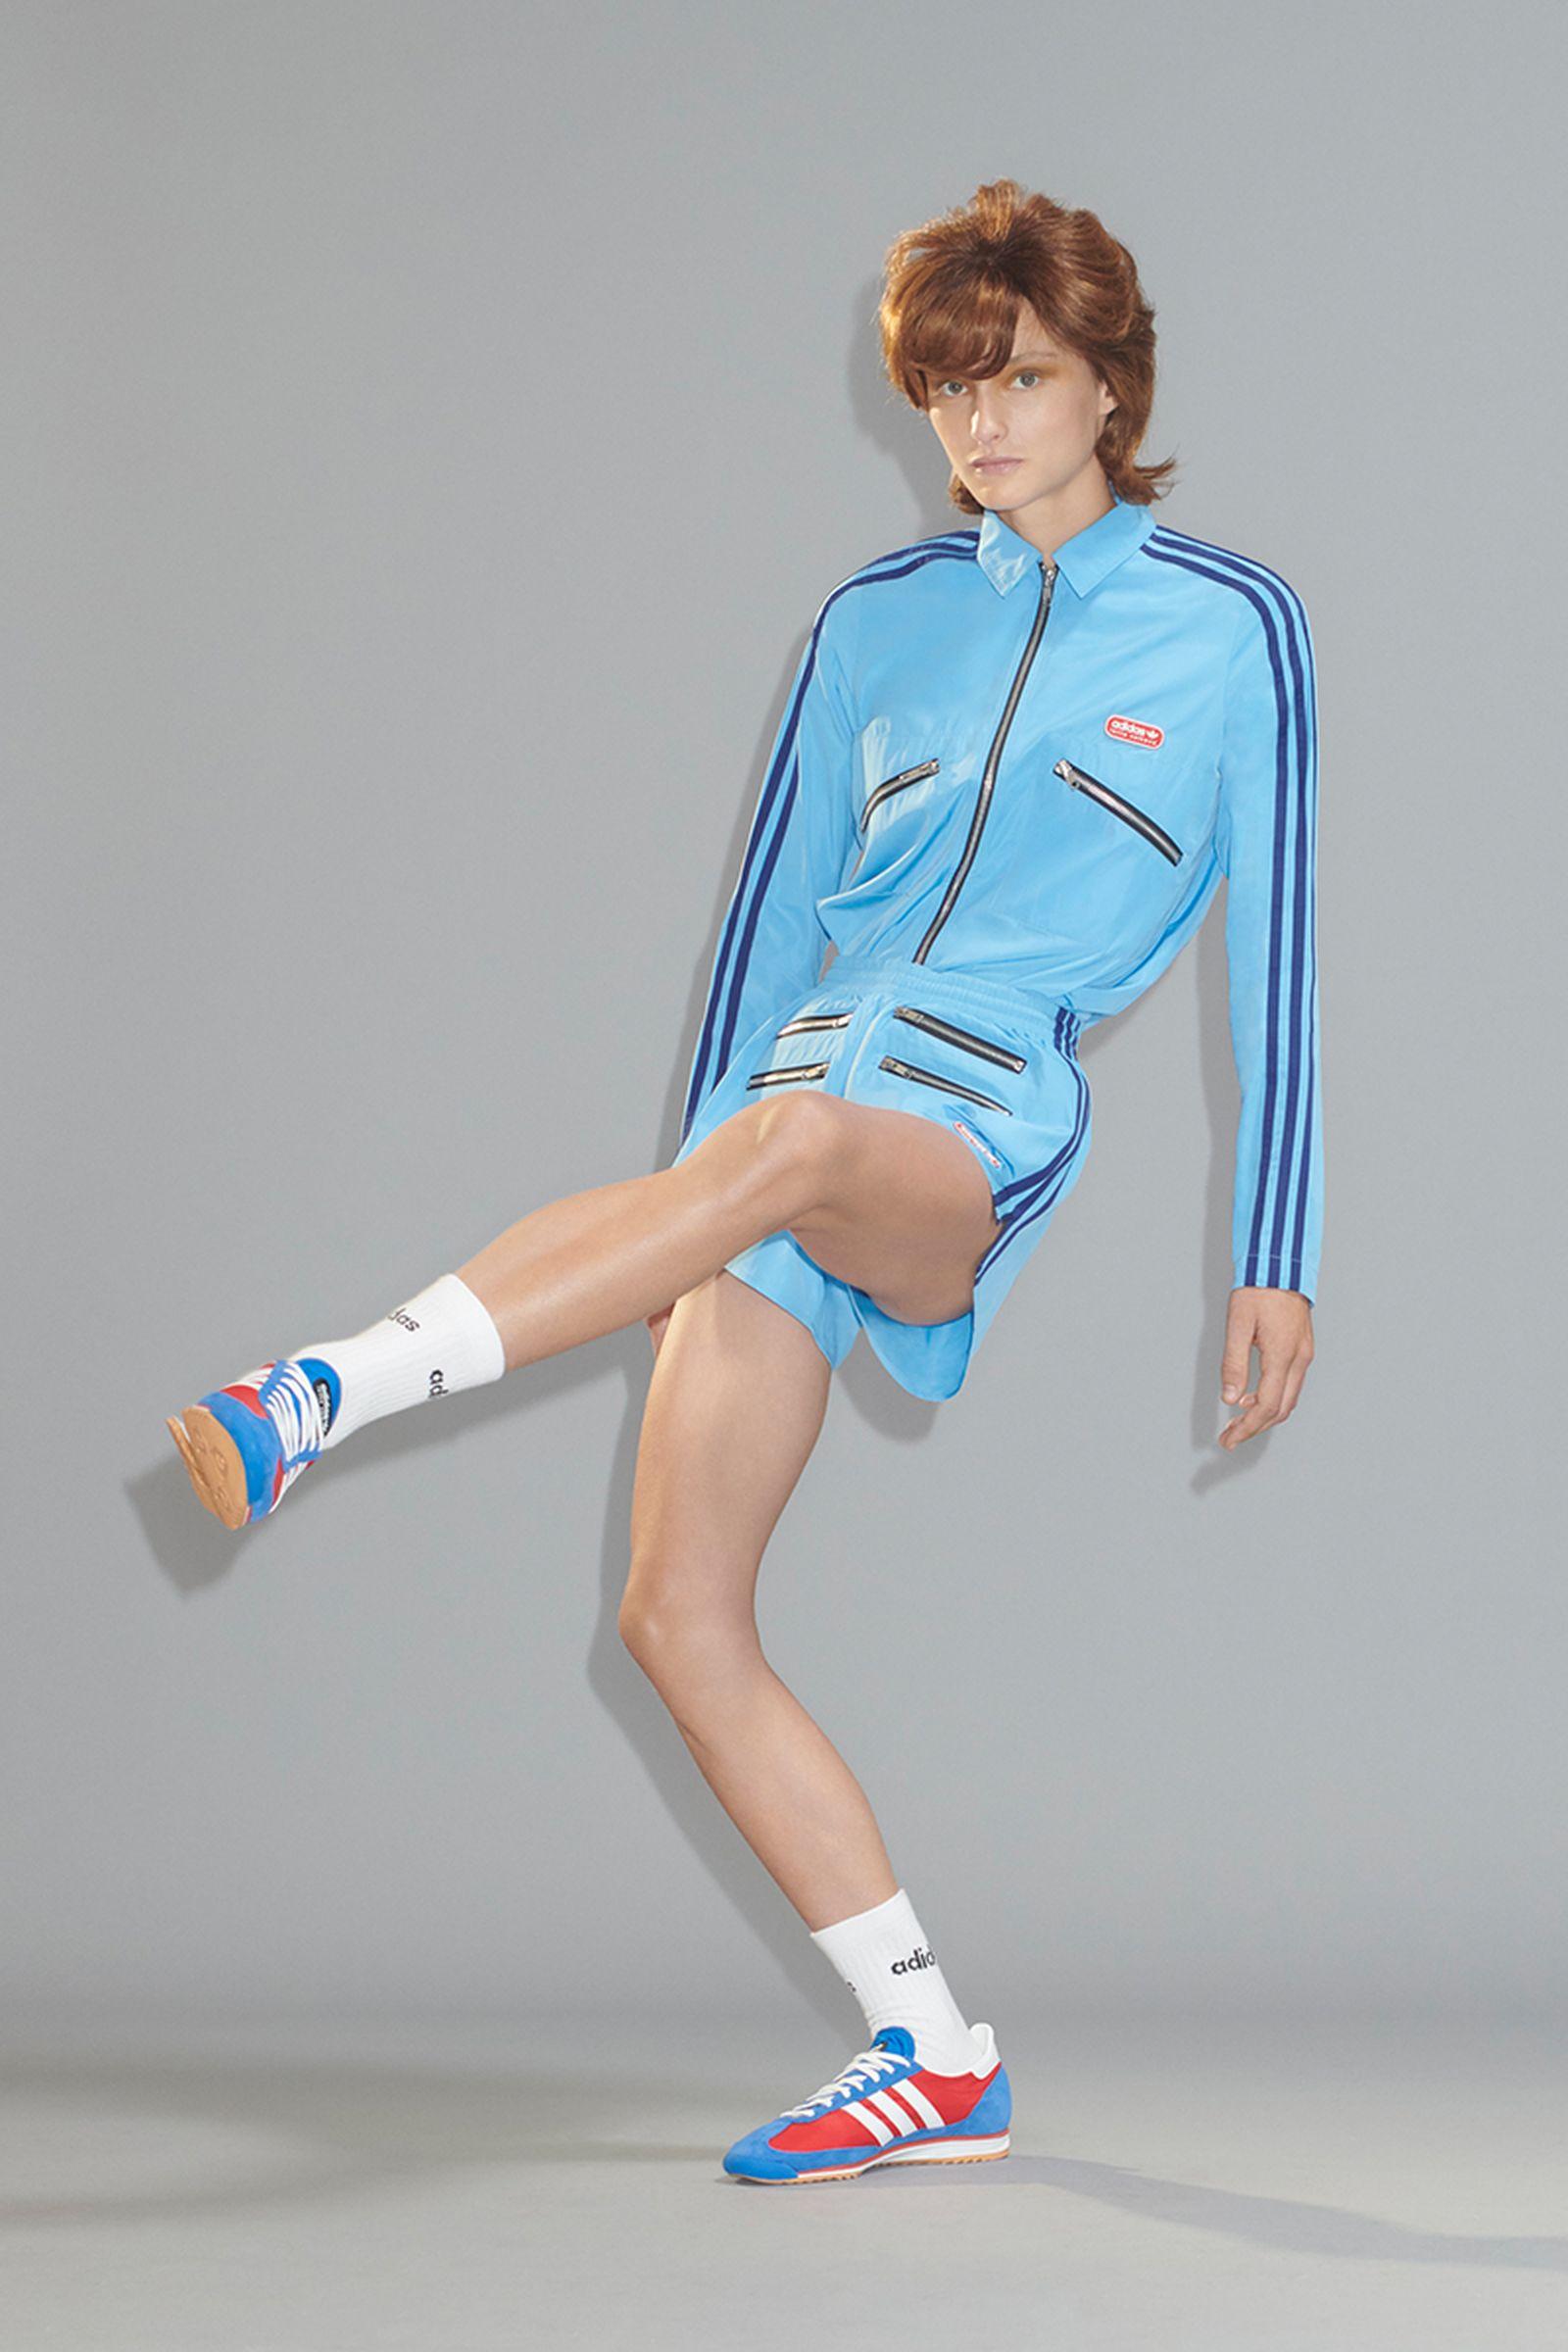 9lottta-volkoda-adidas-capsule